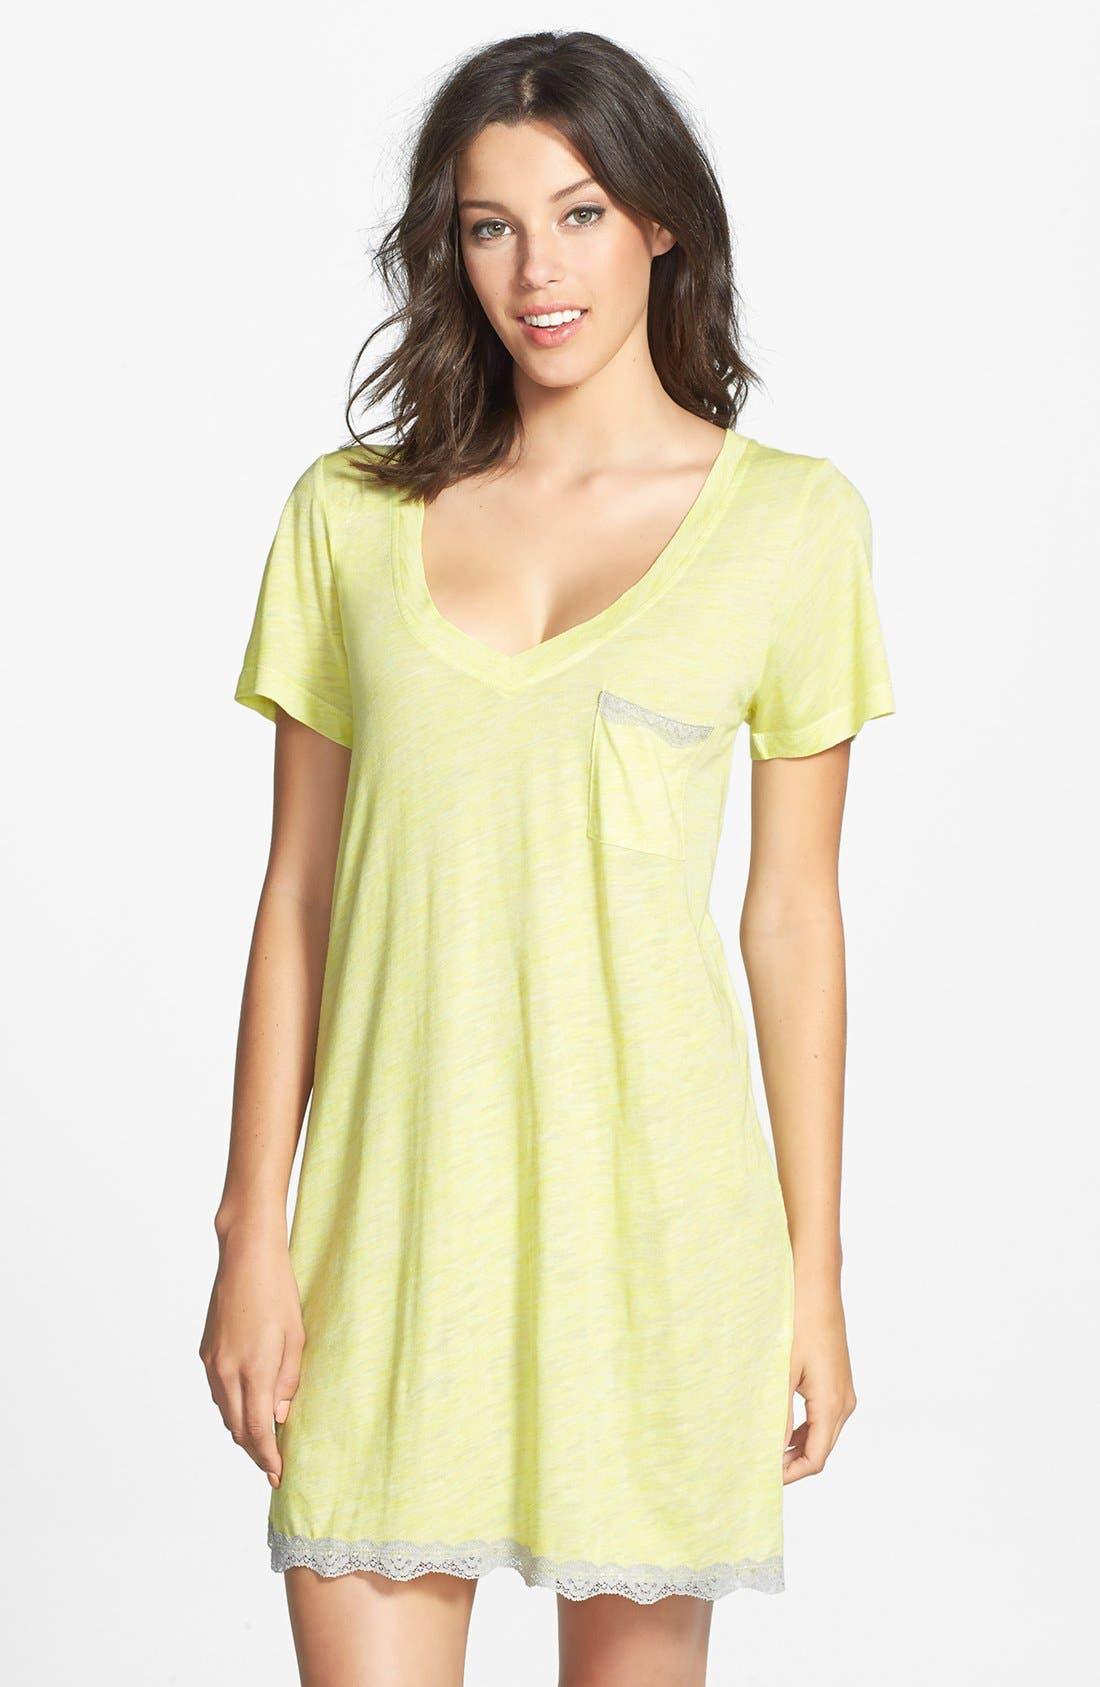 Alternate Image 1 Selected - Honeydew Intimates Lace Trim Sleep Shirt